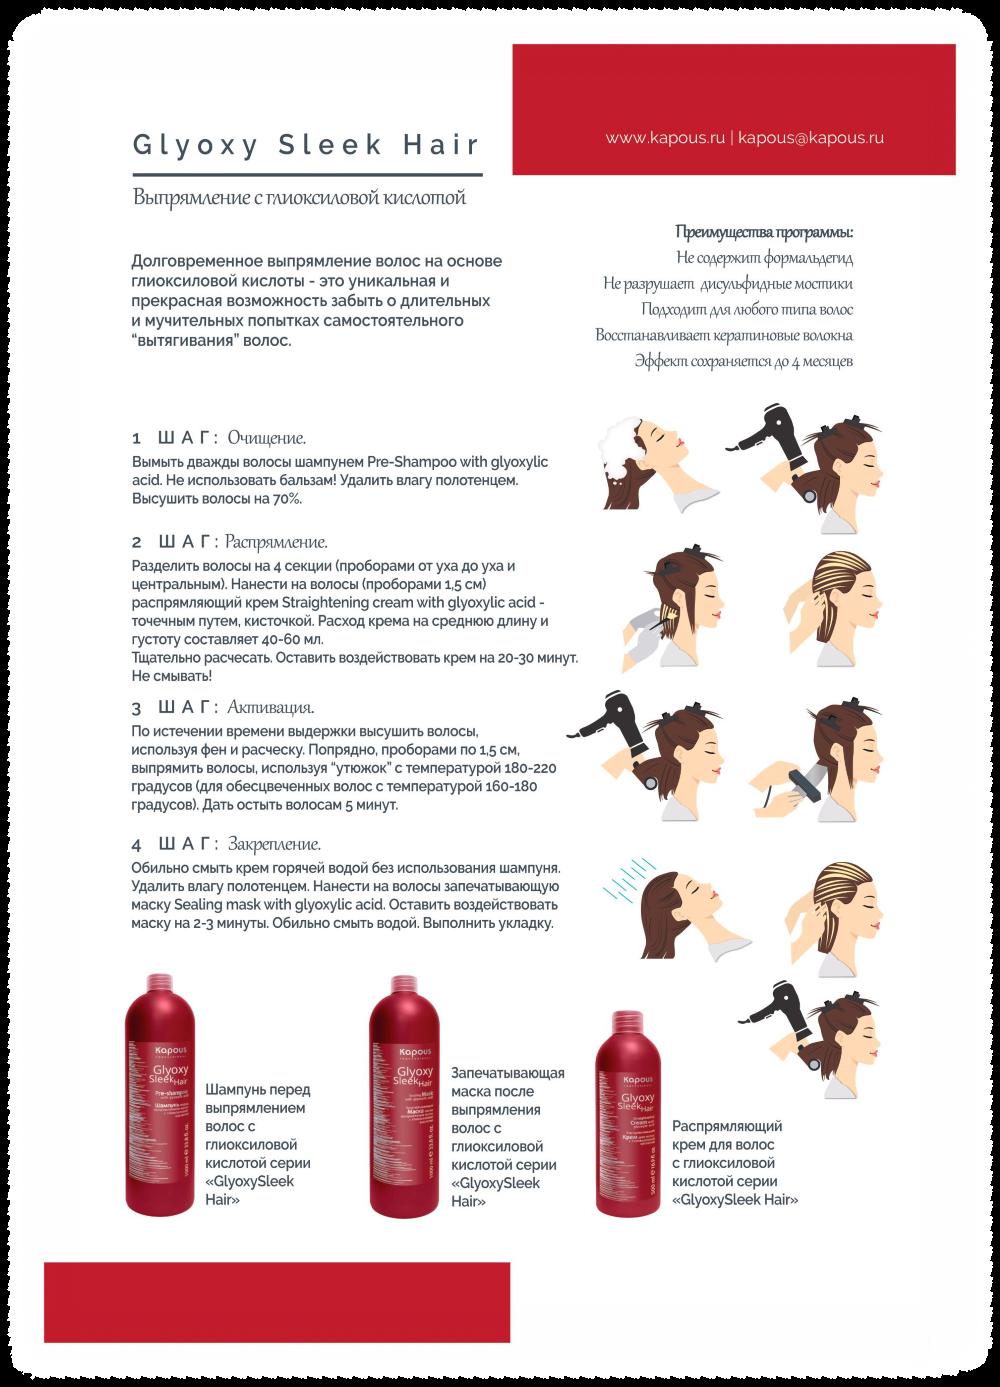 Шампунь перед выпрямлением волос с Глиоксиловой кислотой